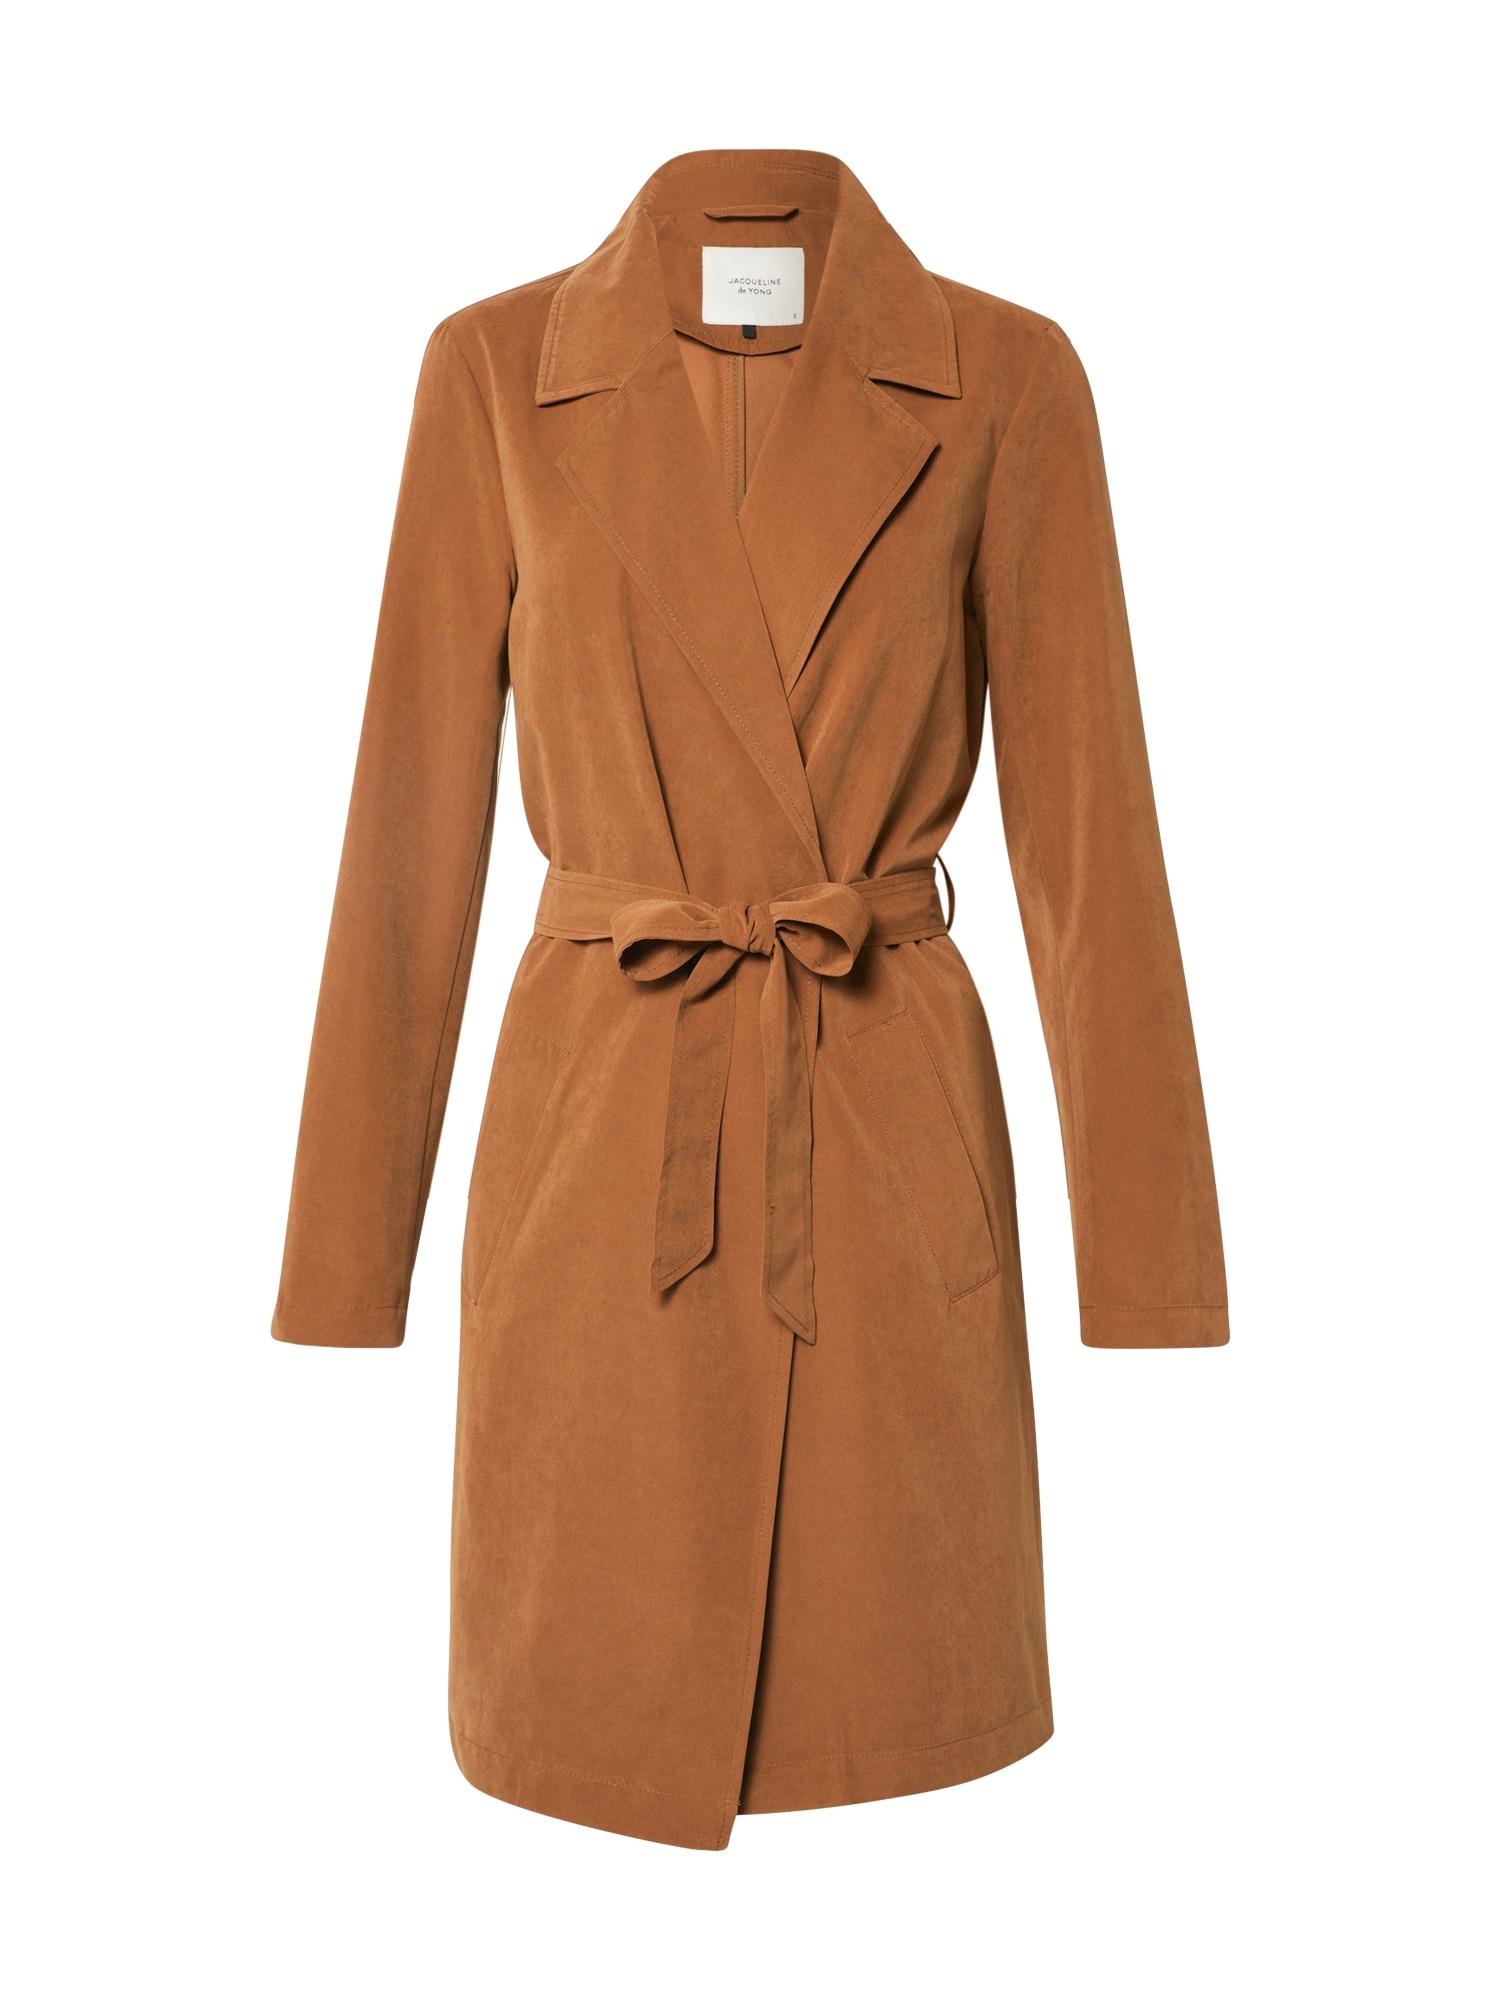 JACQUELINE de YONG Rudeninis-žieminis paltas 'JDYPASCHAL TRENCHCOAT OTW HAB' ruda